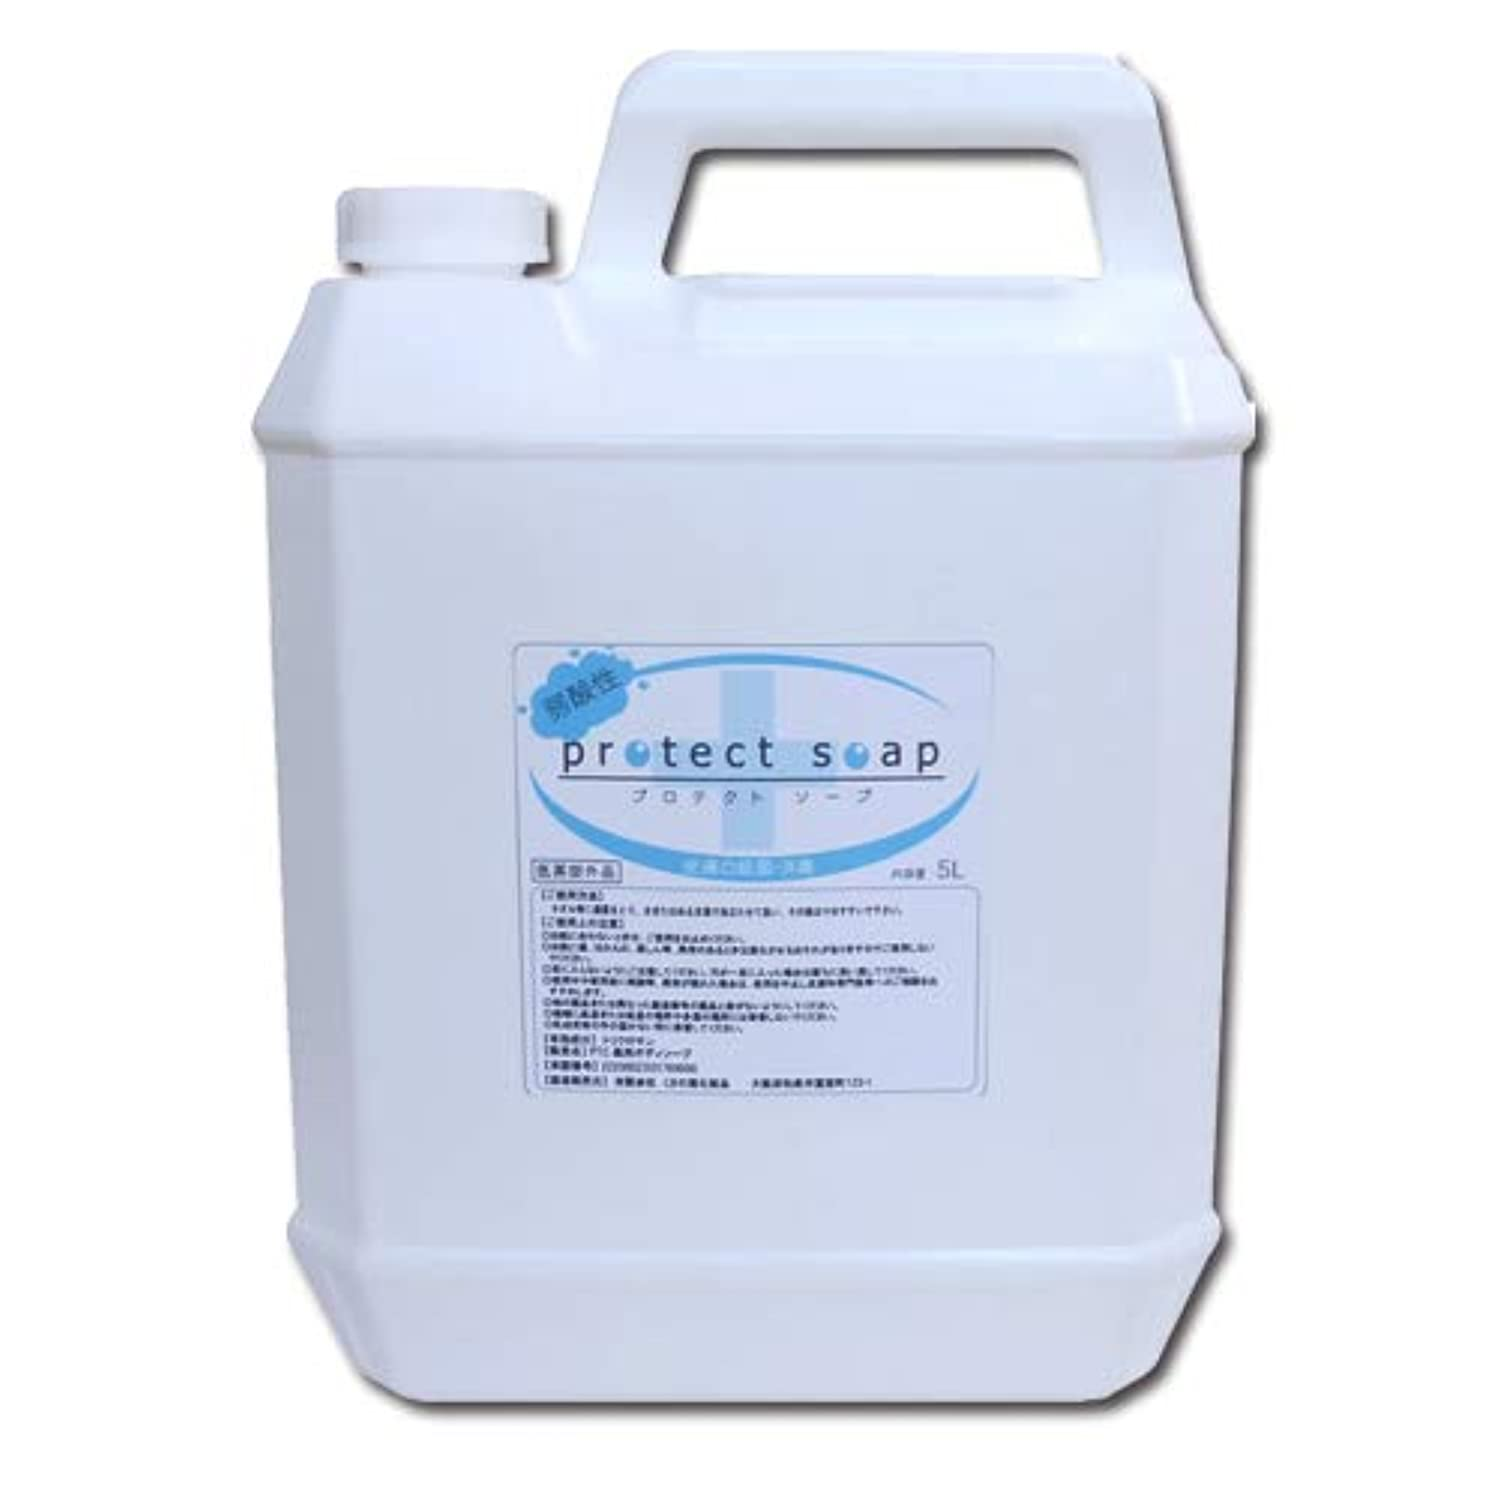 本体ガソリン困惑する低刺激弱酸性 液体石鹸 プロテクトソープ 5L 業務用│せっけん液 液体せっけん 殺菌・消毒 インフルエンザ・ノロウィルス対策